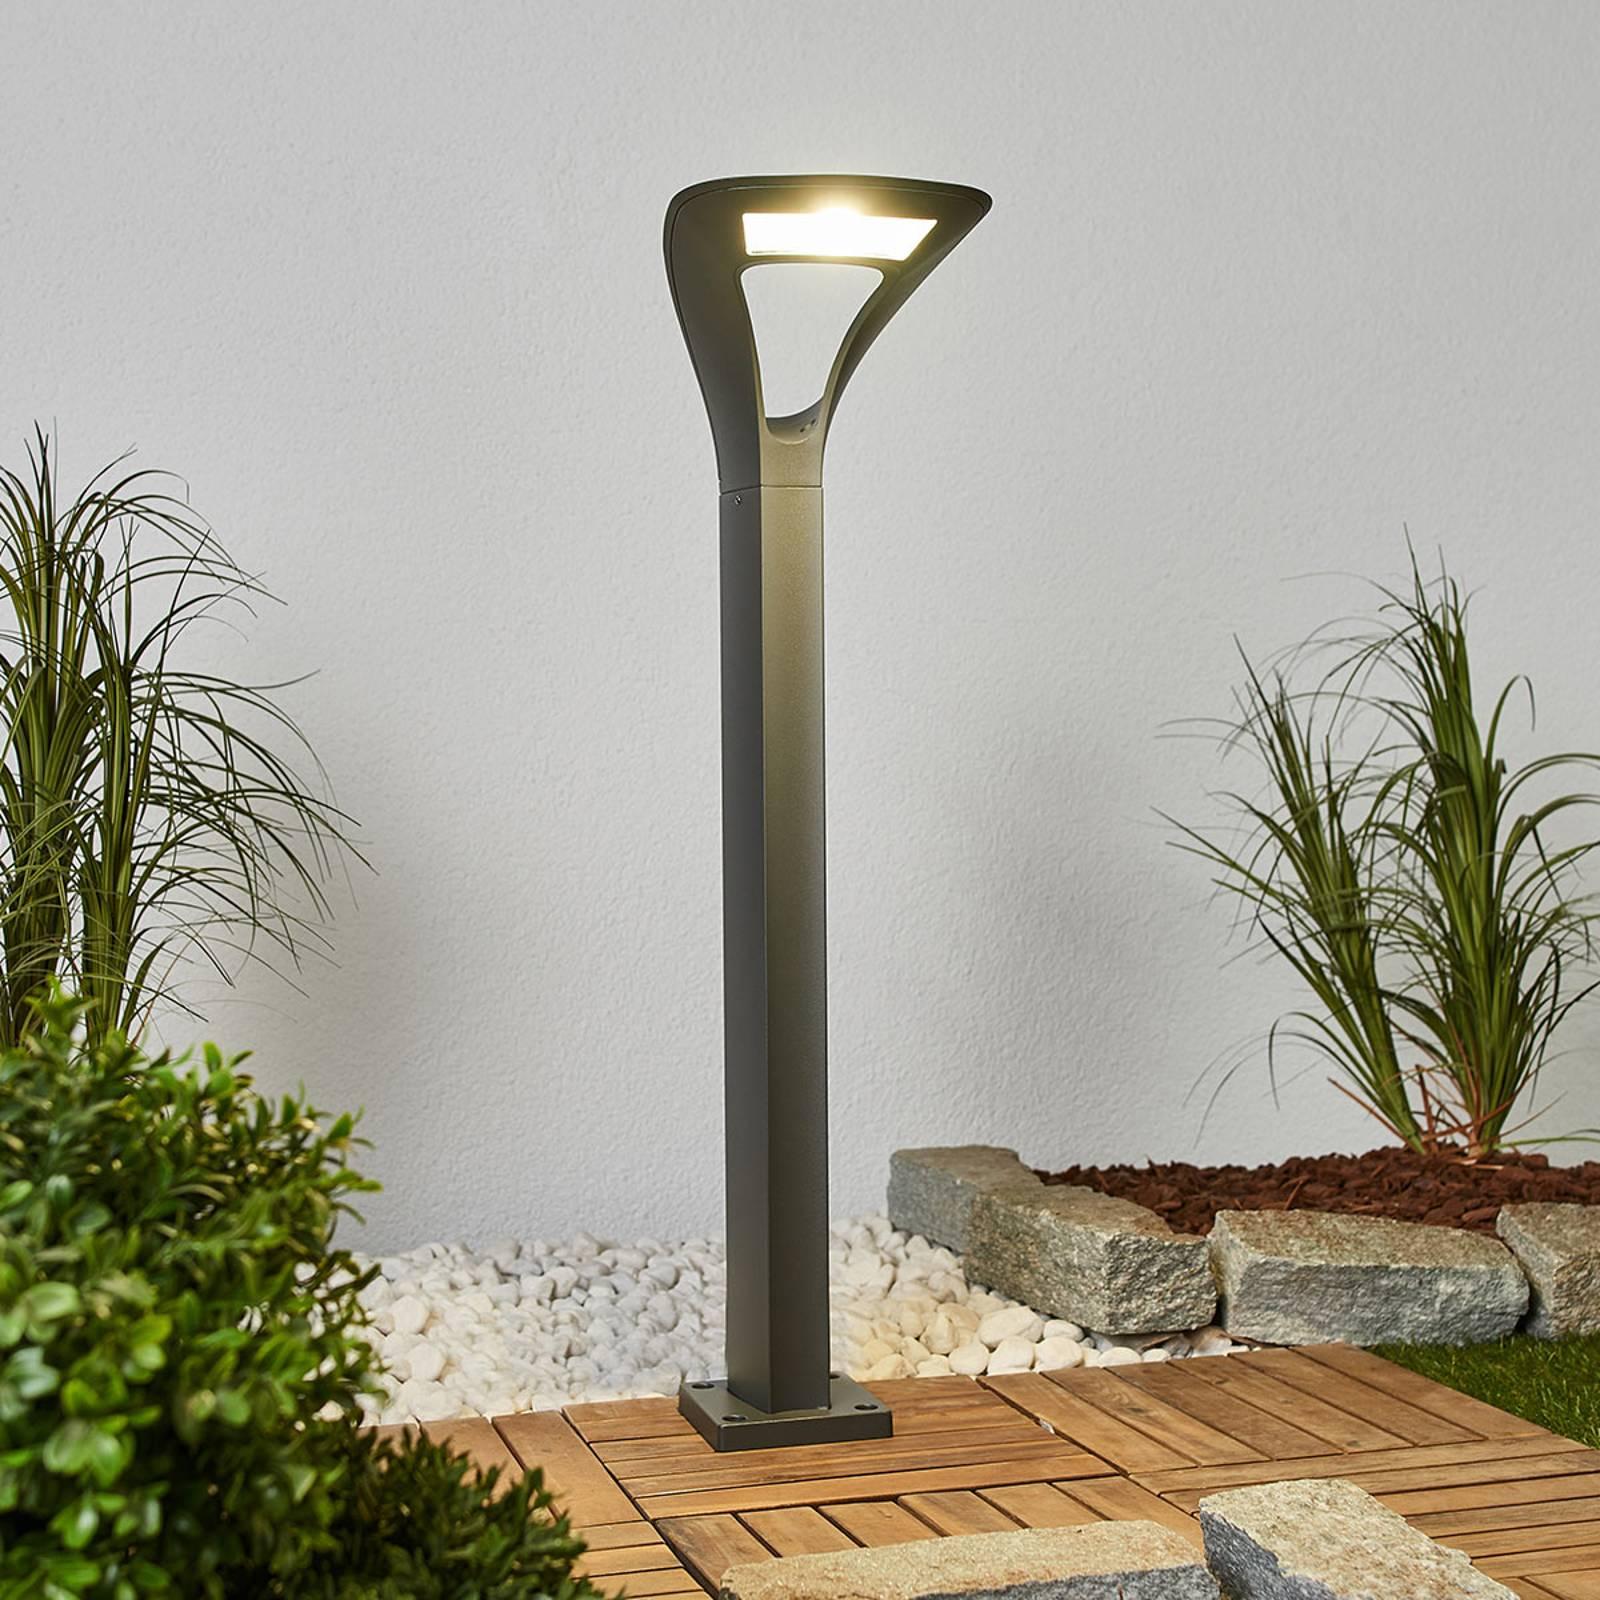 Anda - LED-pylväsvalaisin kiehtovalla muotoilulla